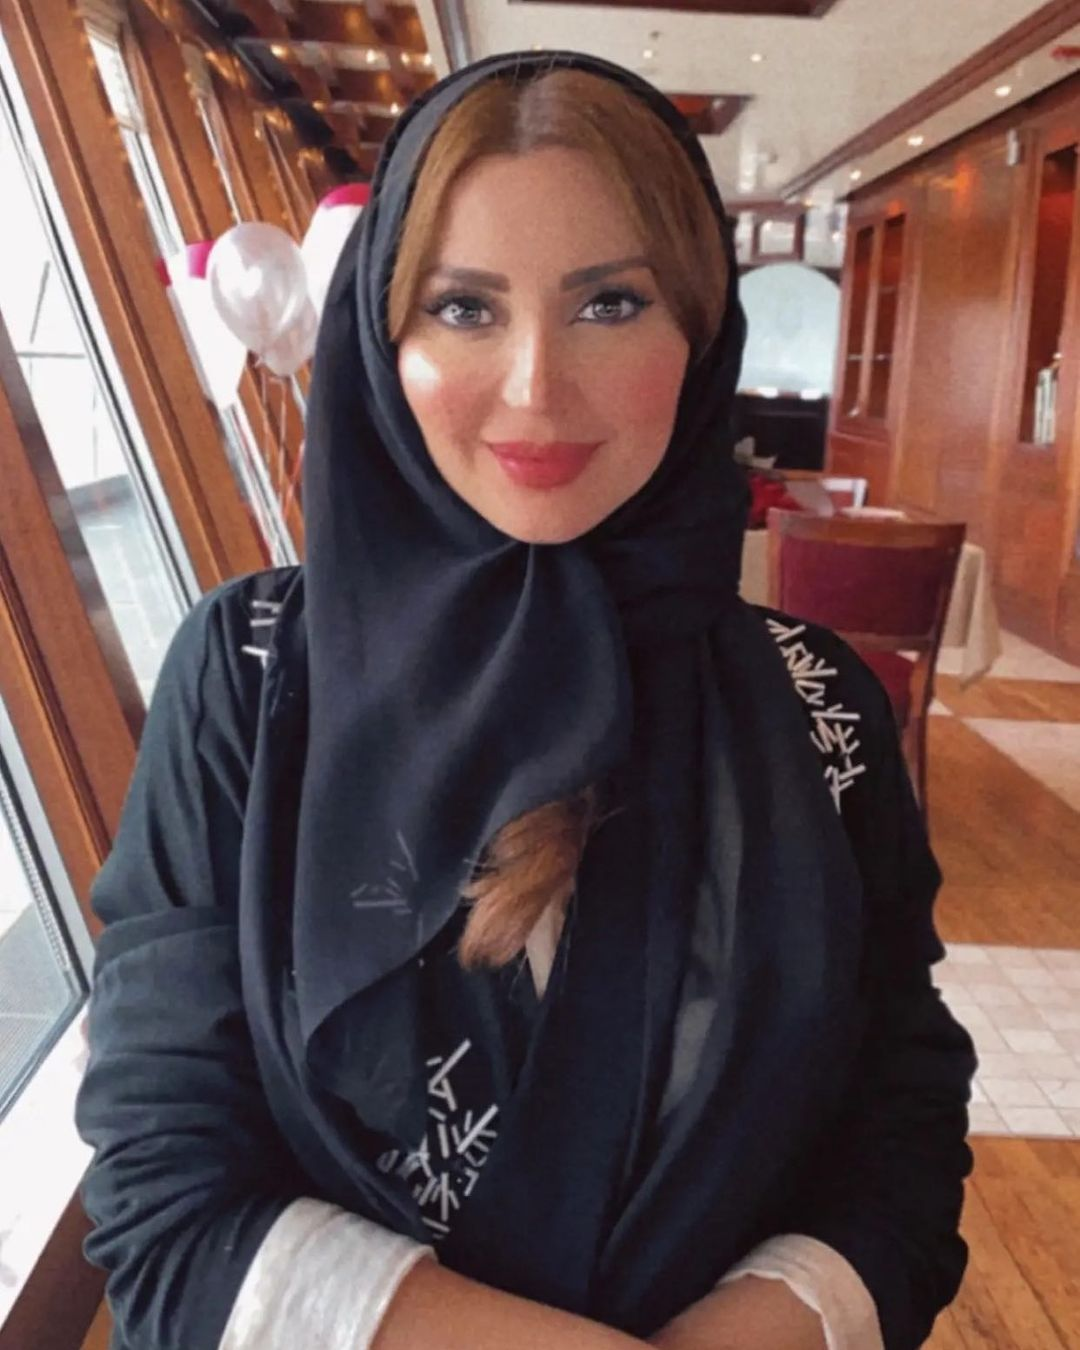 """سعوديون يسخرون من نسرين طافش بسبب ما قالته عن قبيلة """"العنزي""""!"""